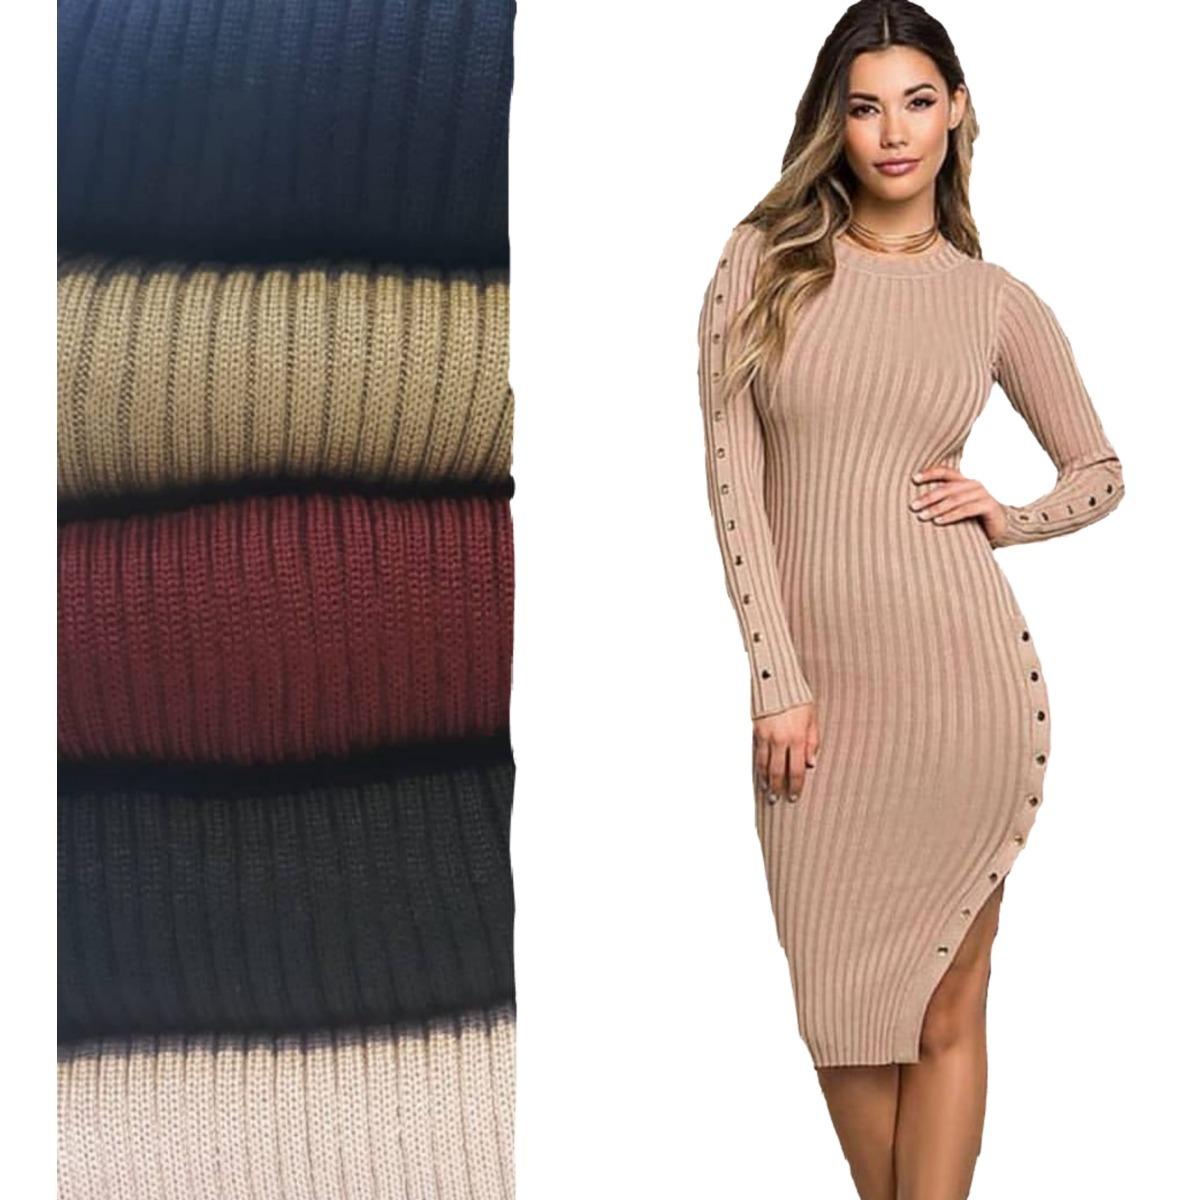 05e9e8879a68 vestido midi moda evangélica tricot moda inverno frio 2019. Carregando zoom.